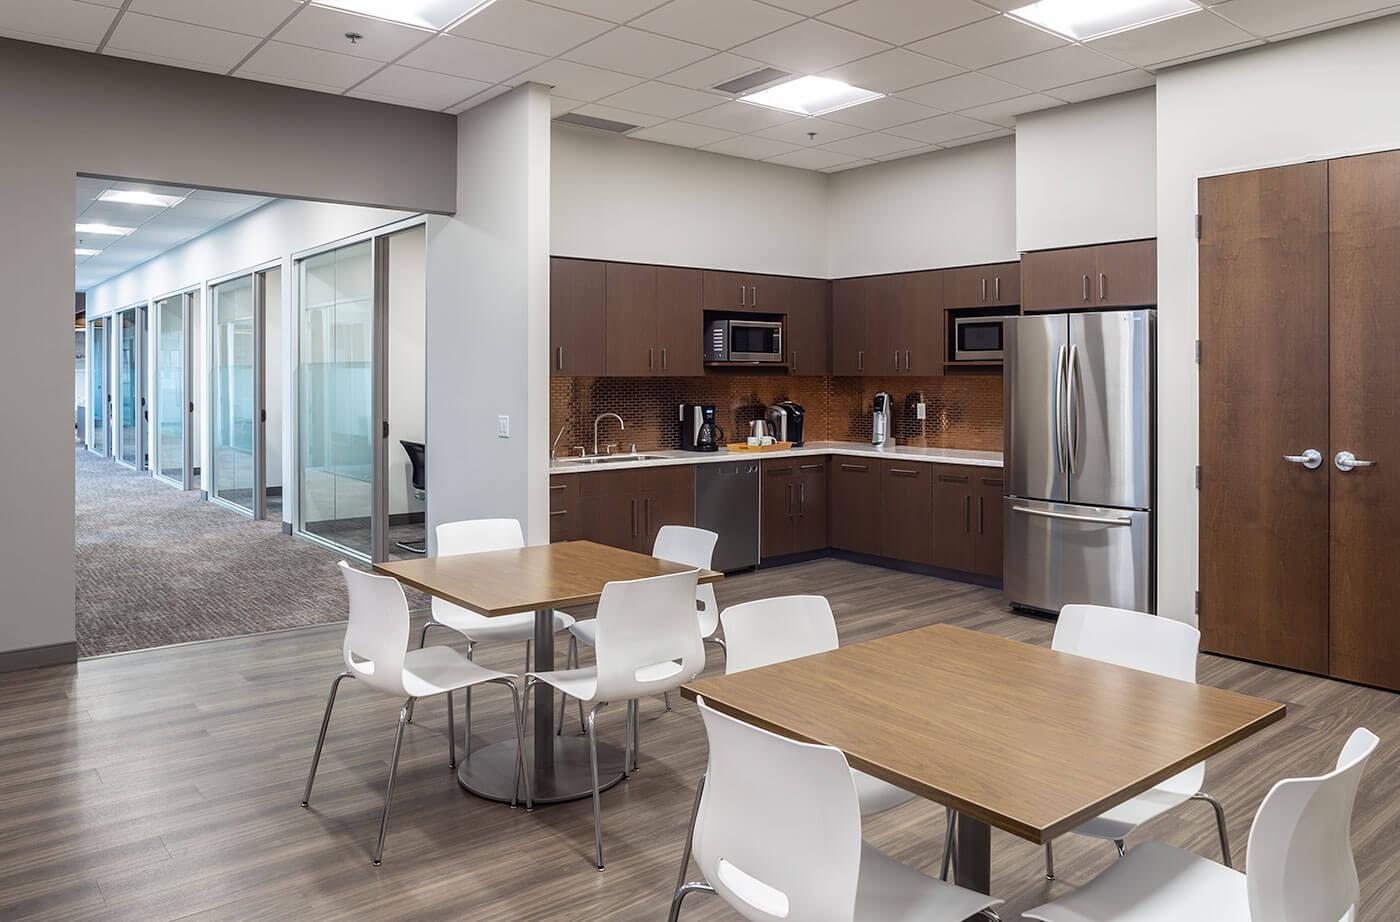 Nexus Solutions Kitchen Area Design | Mohagen Hansen